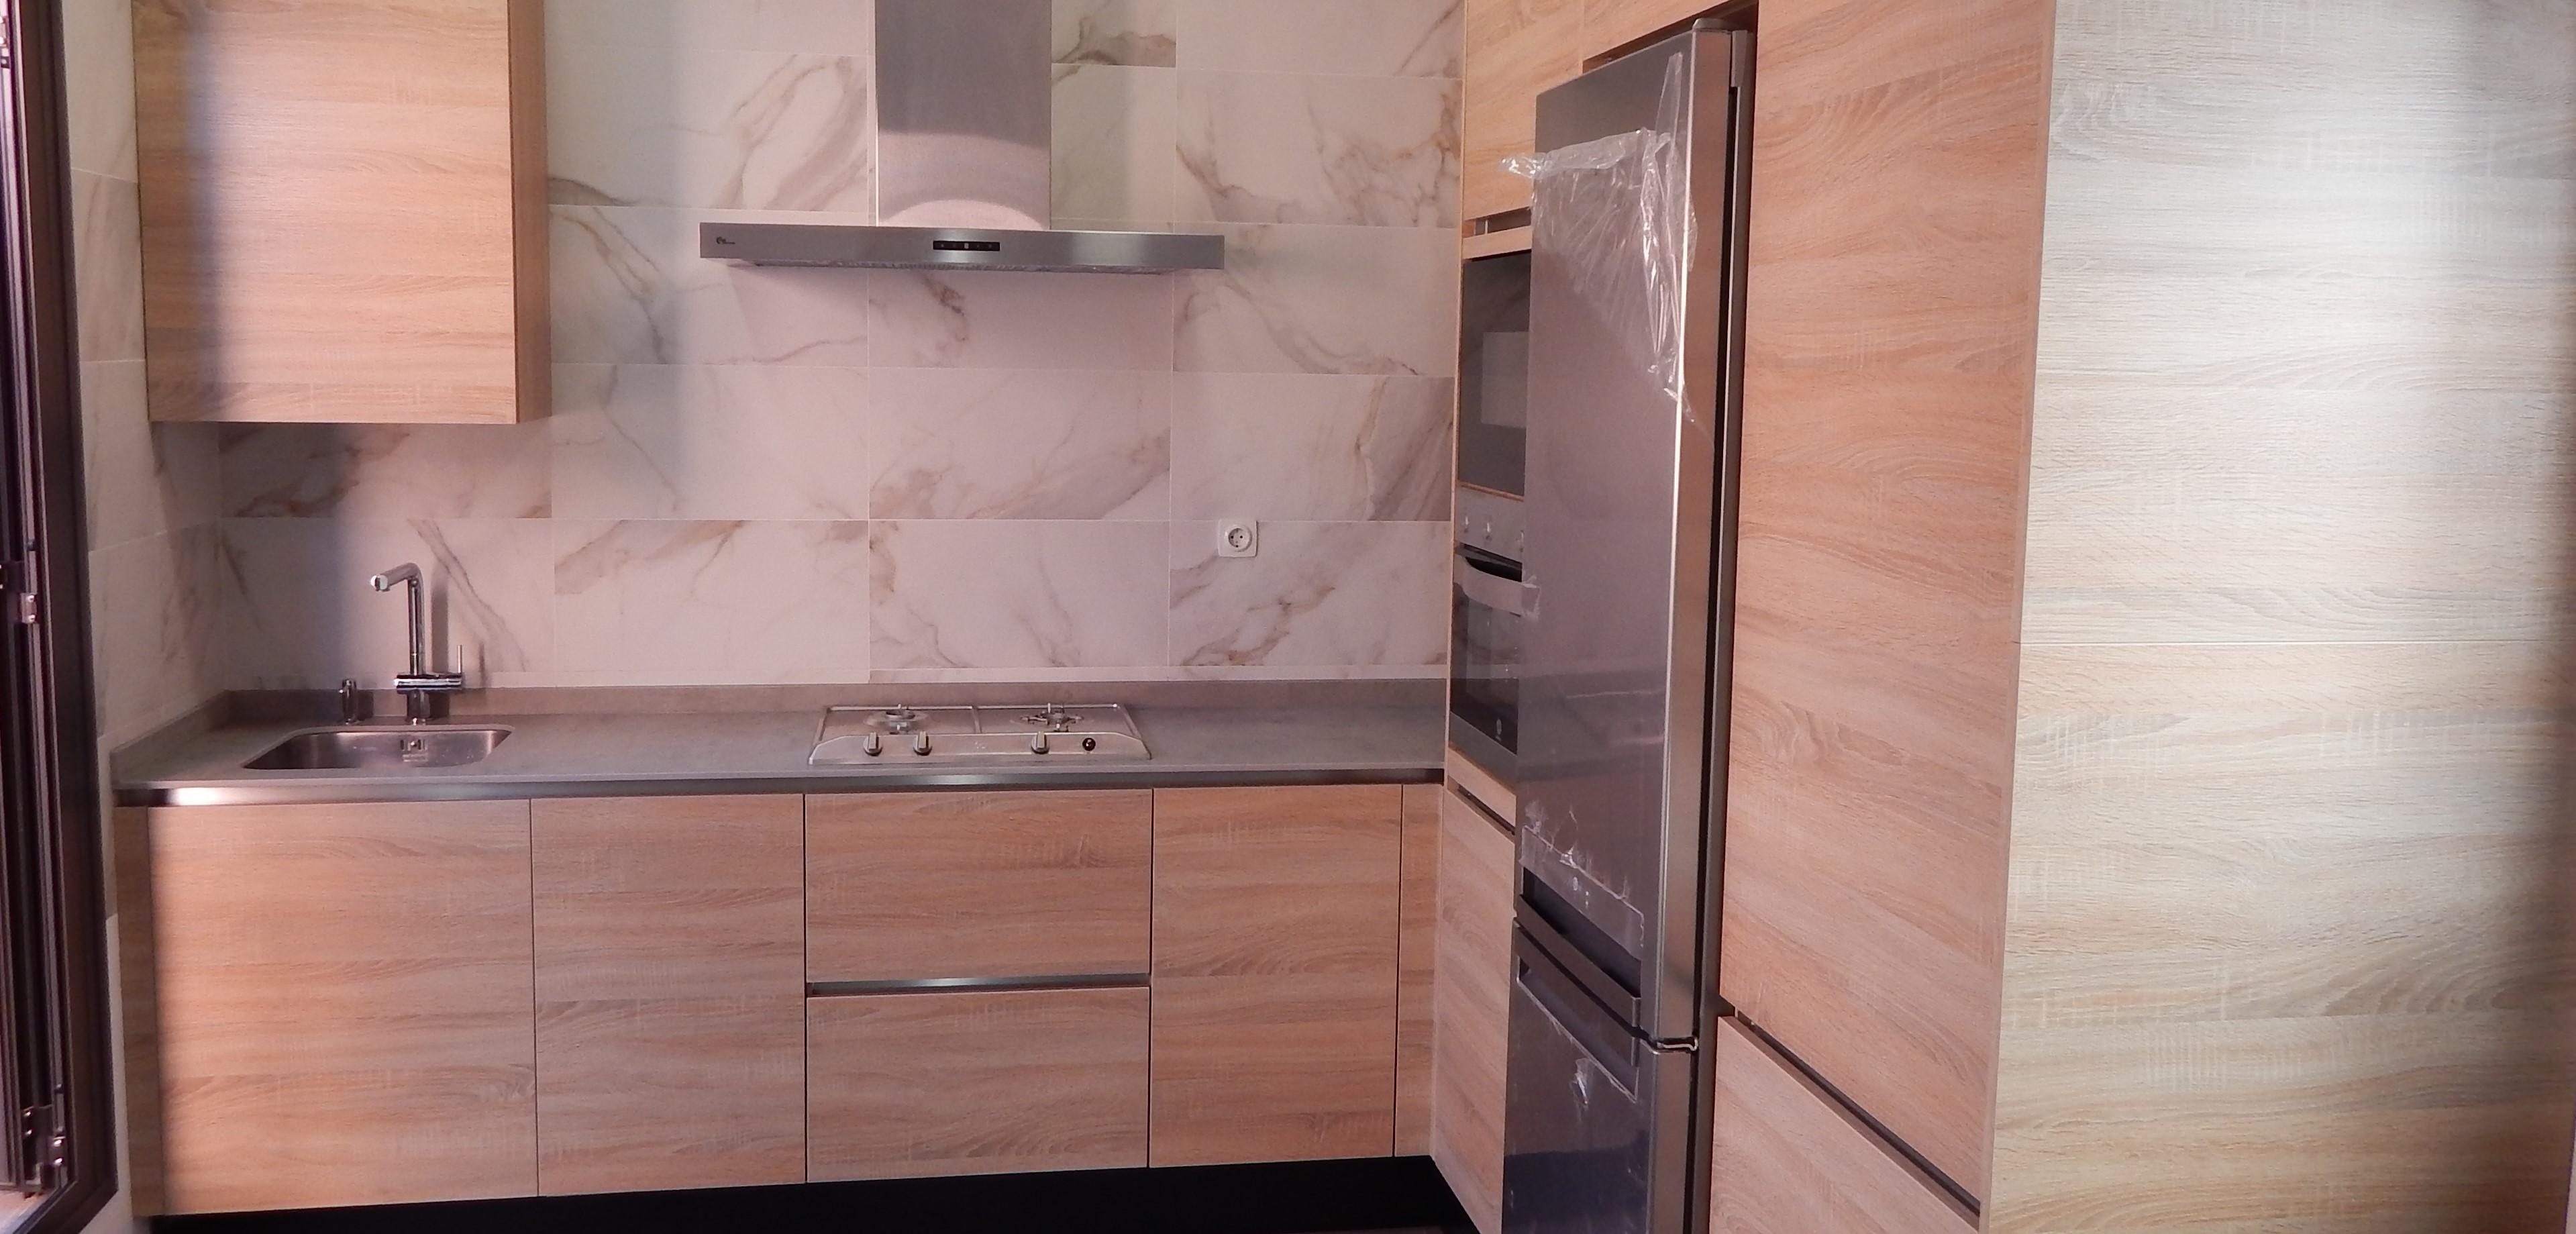 Cocinas color roble best gabinetes areos de cocina color - Cocinas color roble ...